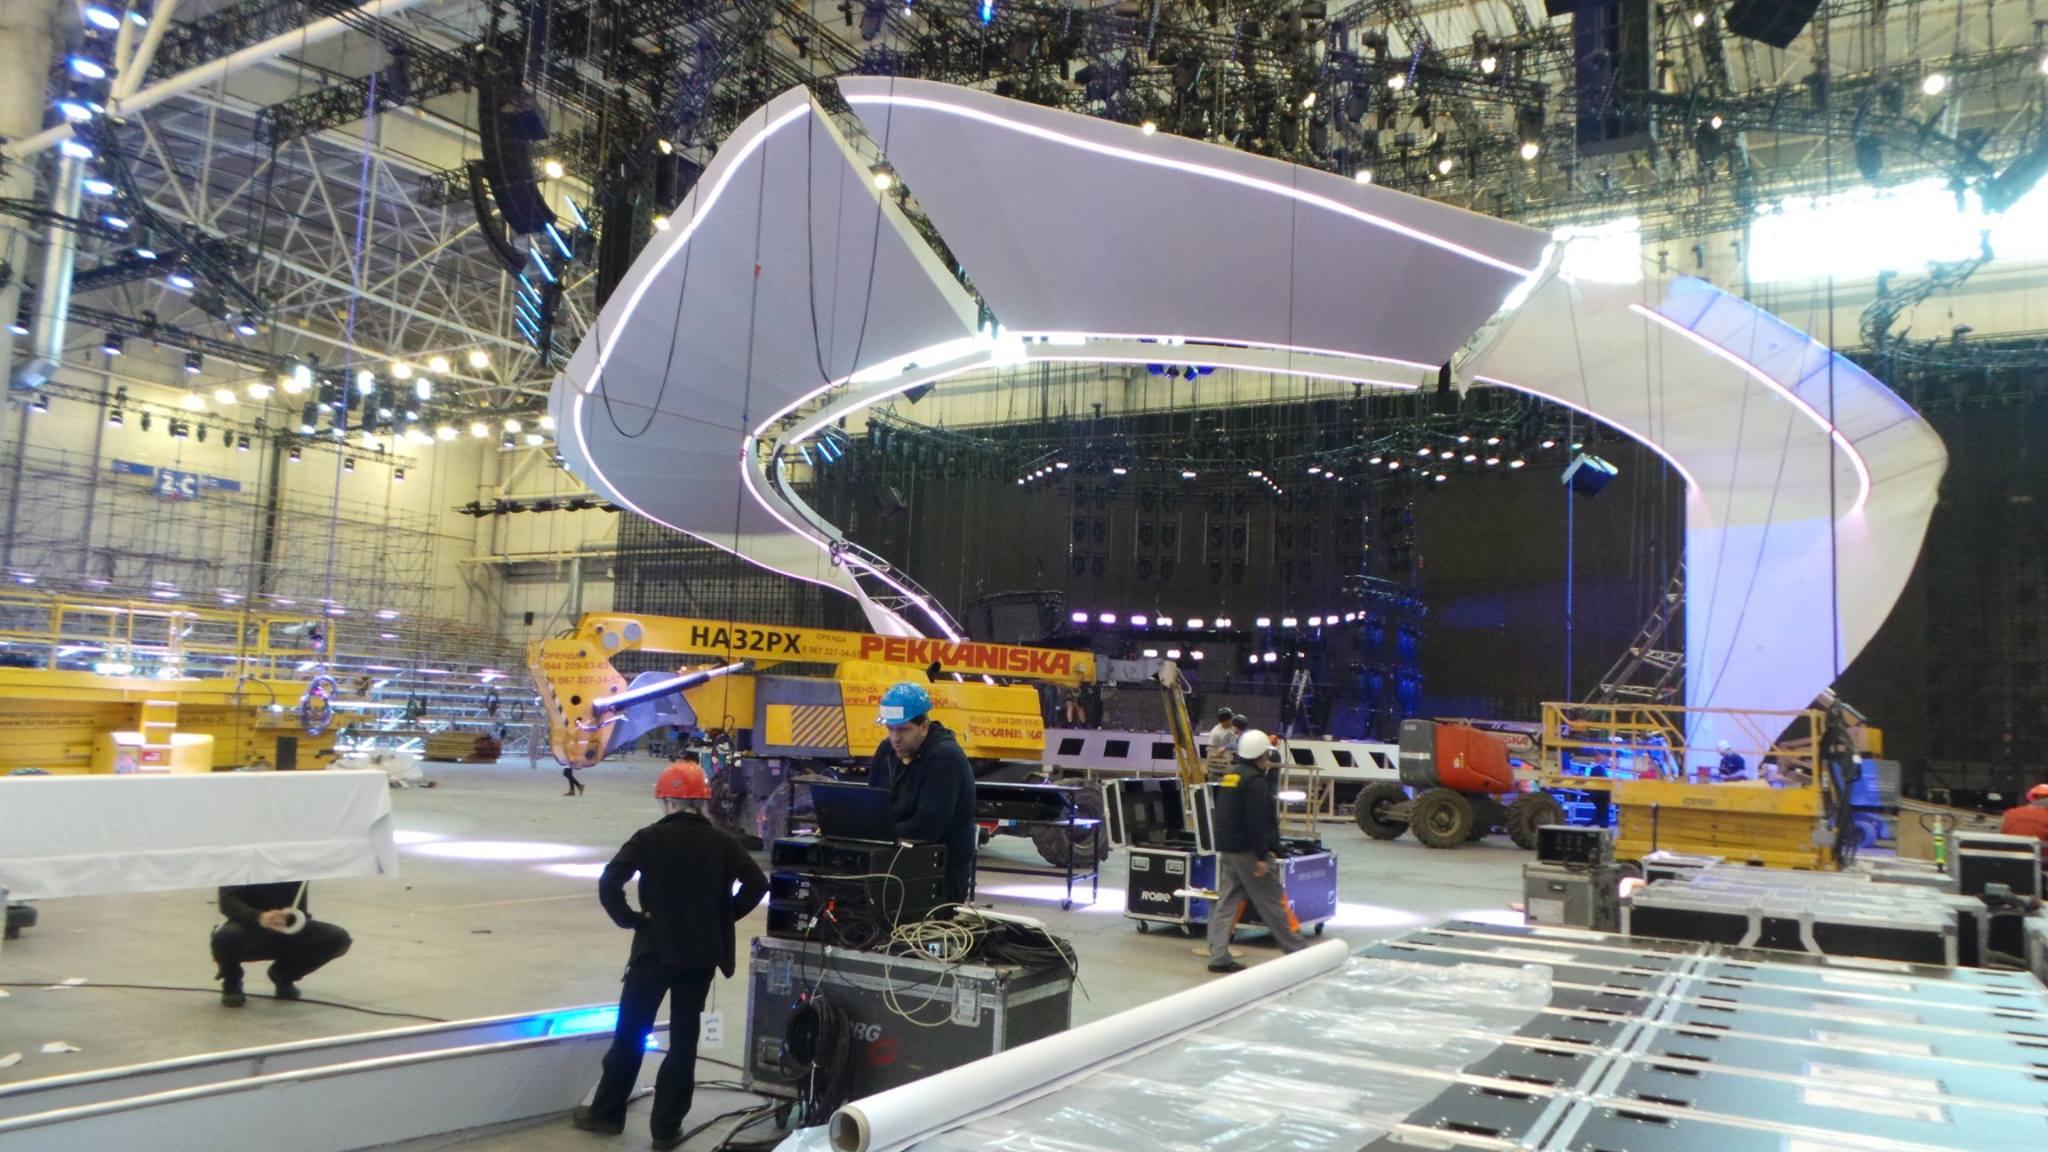 Главная сцена Евровидения 2017 в Киеве: фото